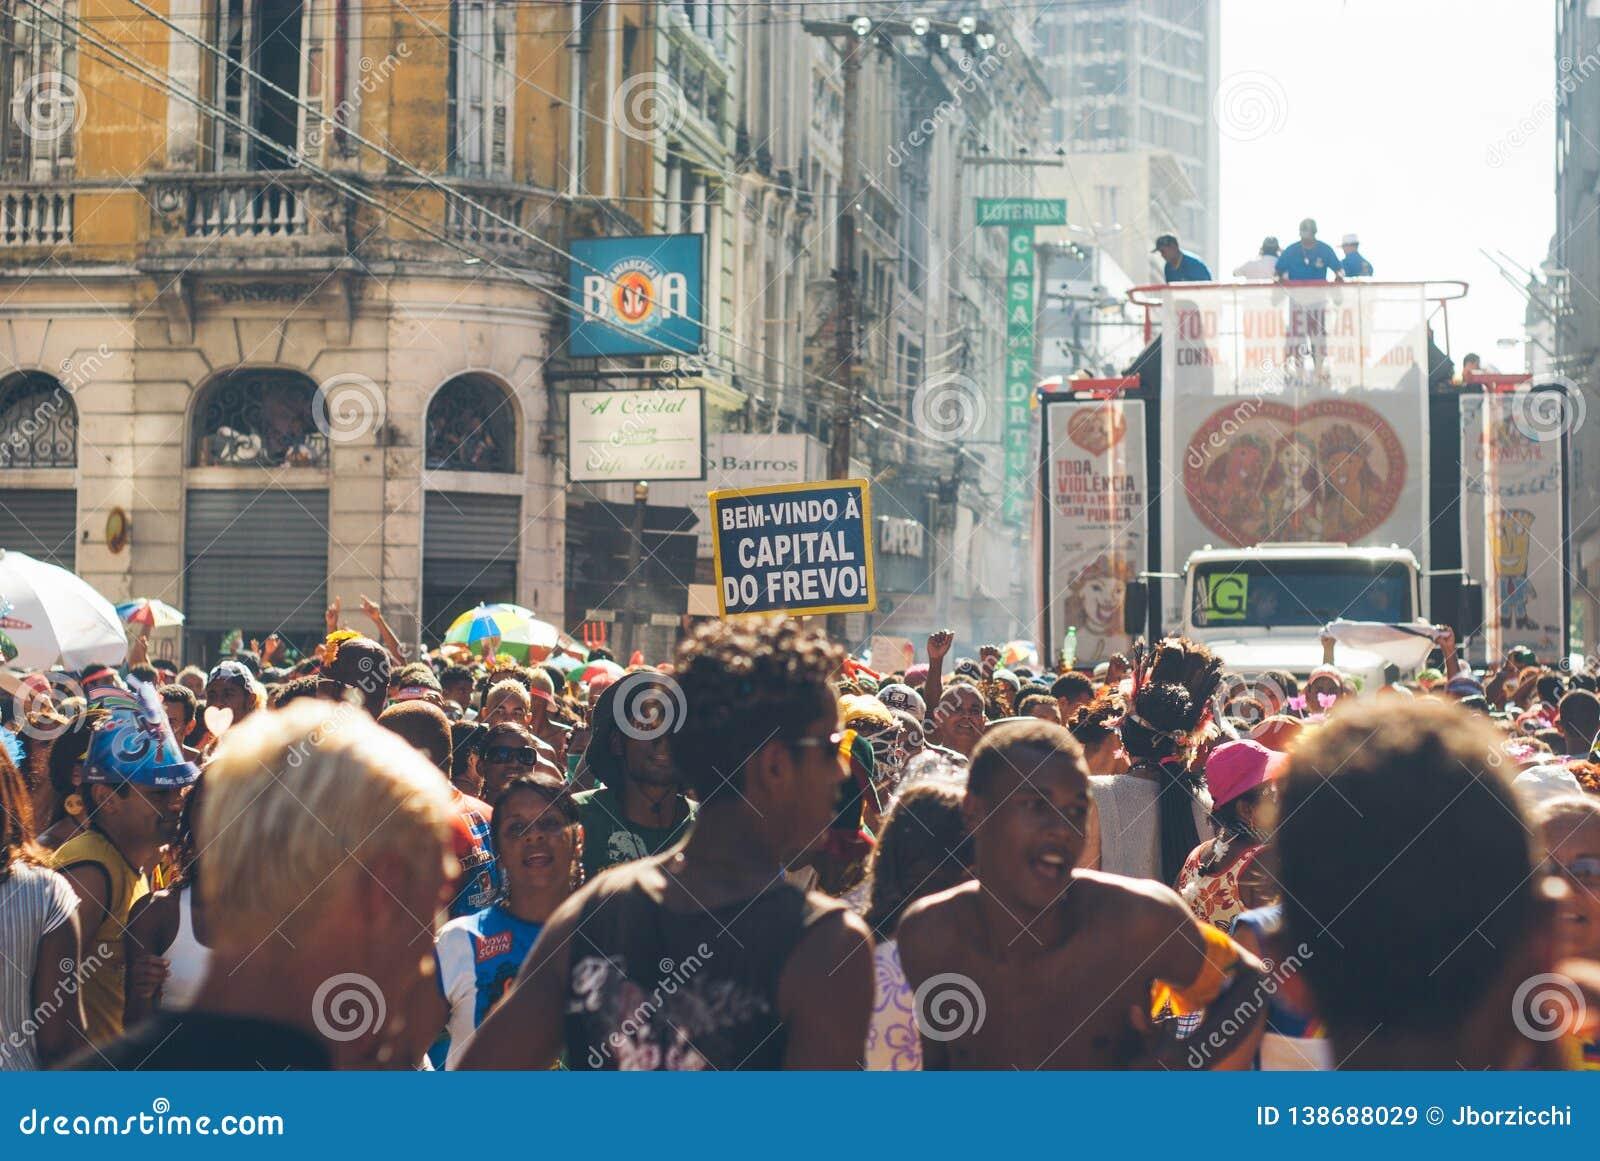 Carnival parade in recife,pernambuco, brazil